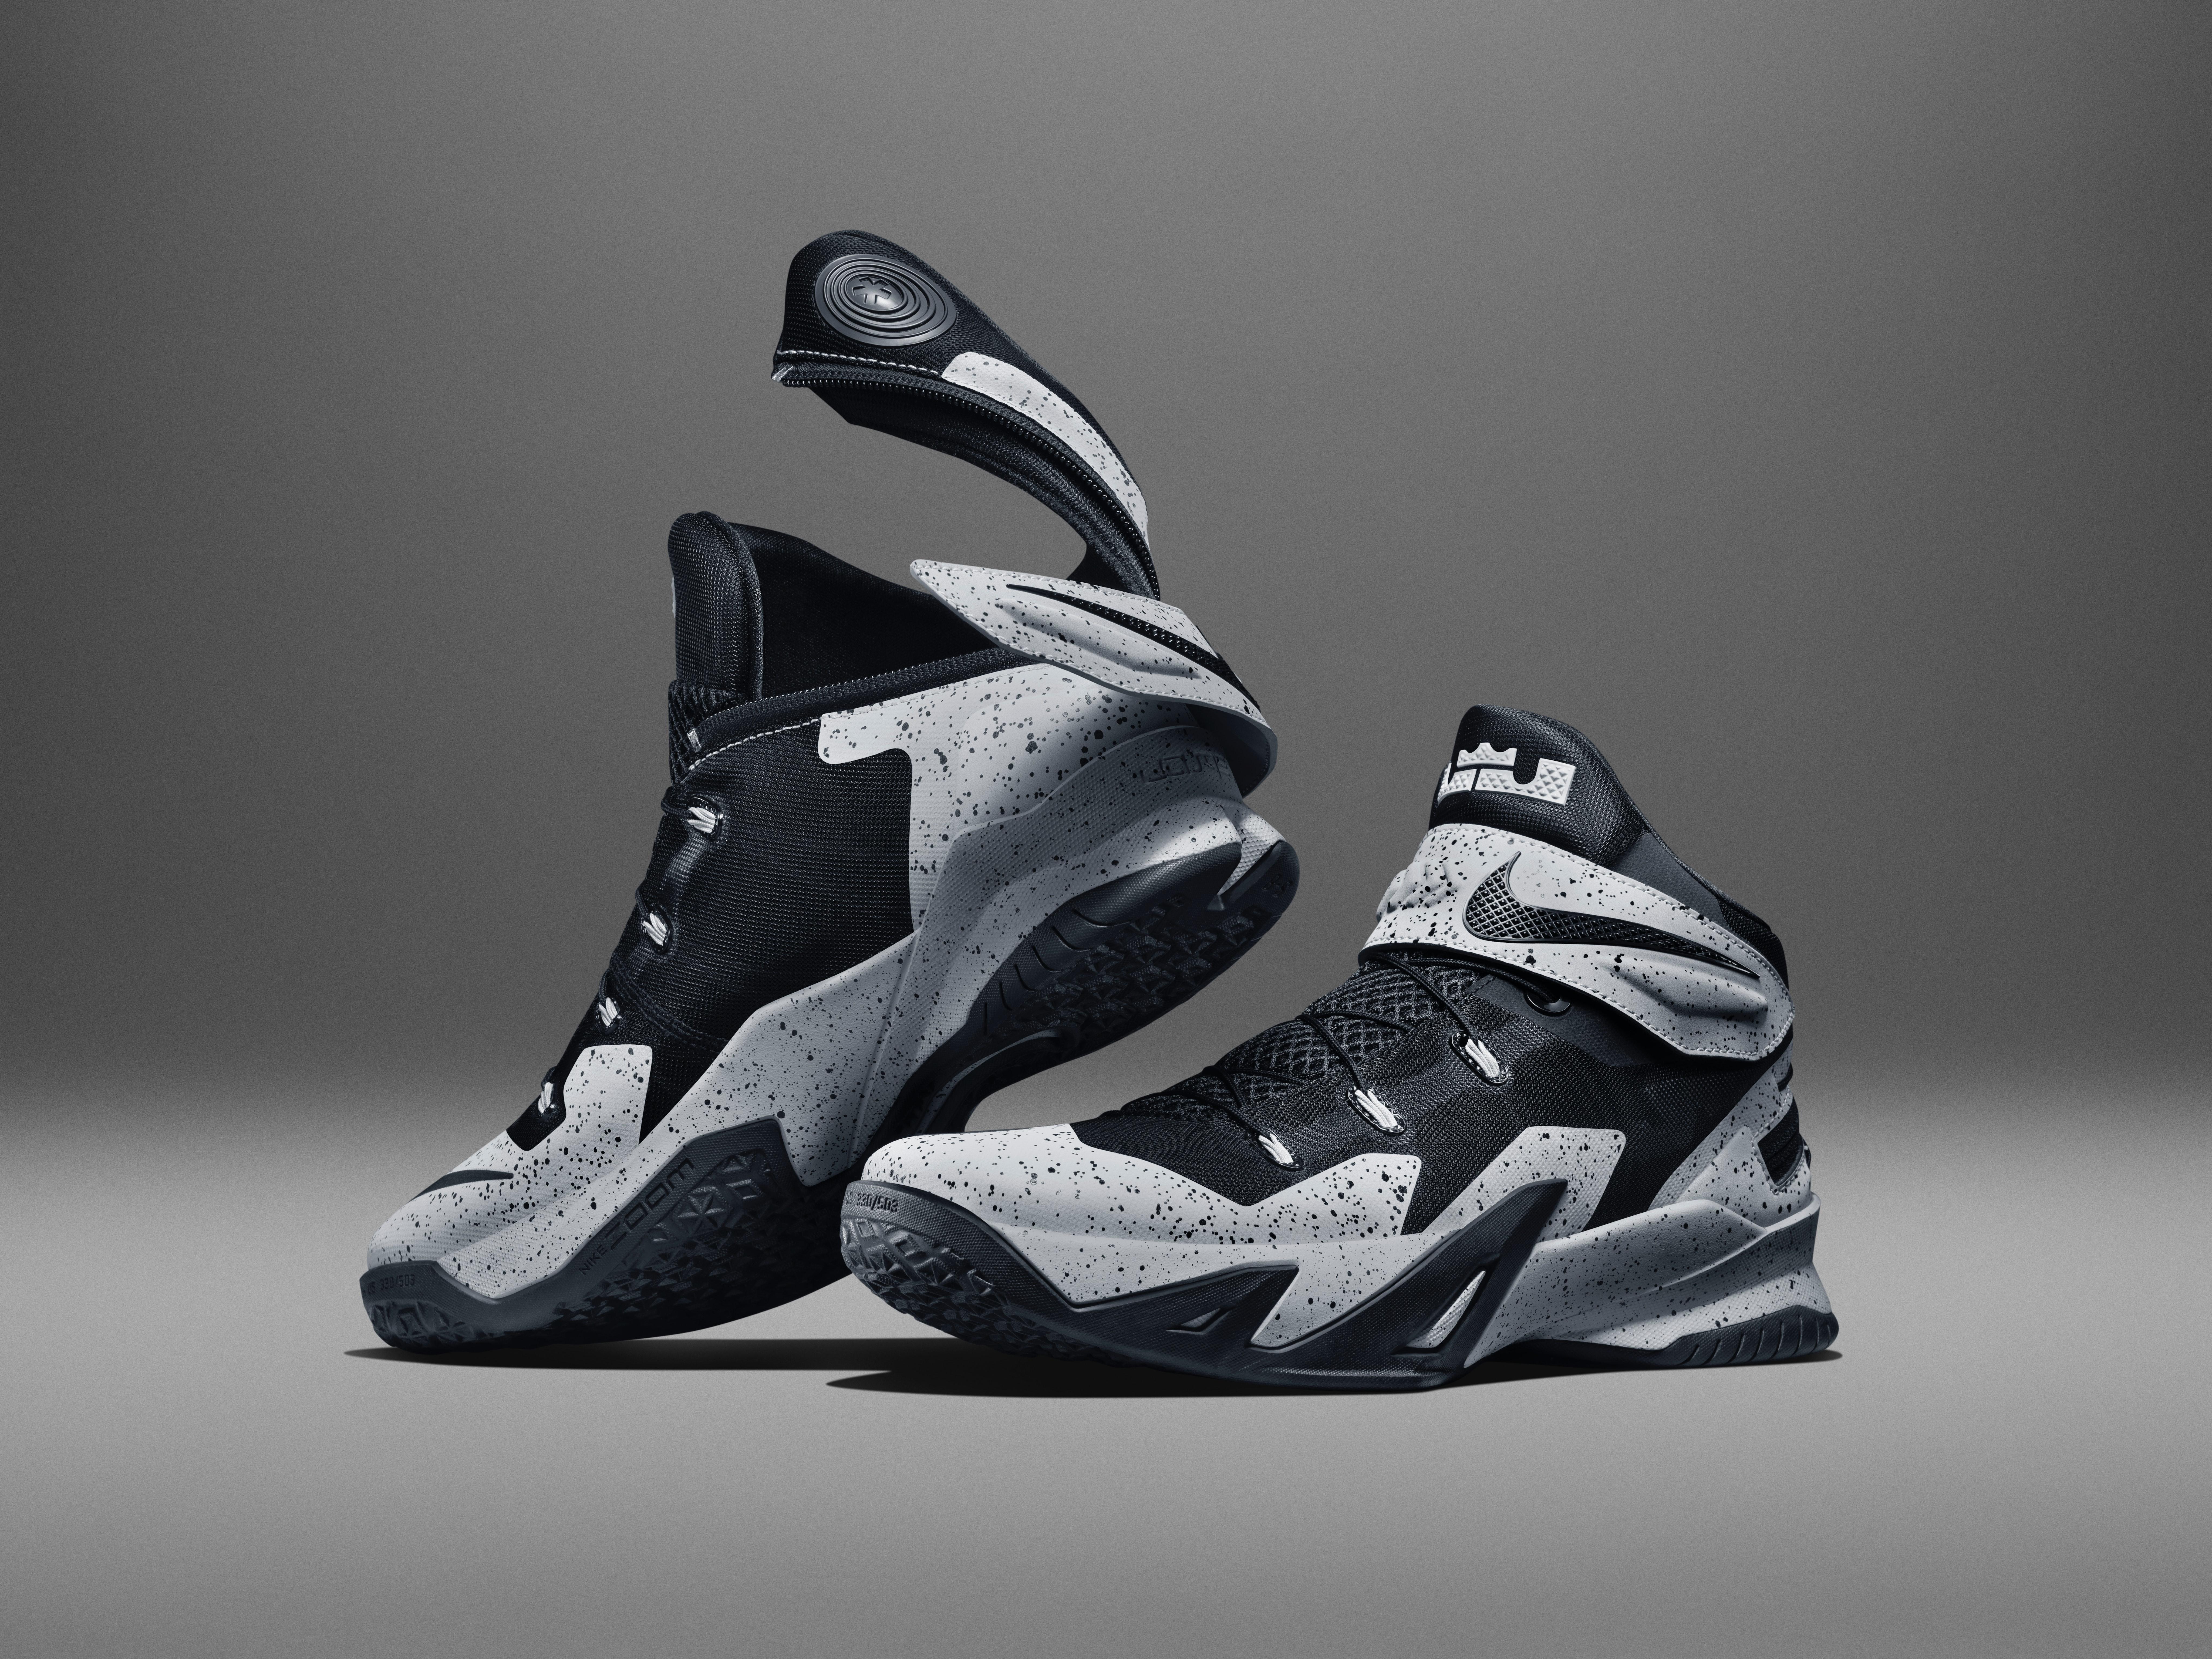 Nikes Isn't the Badass